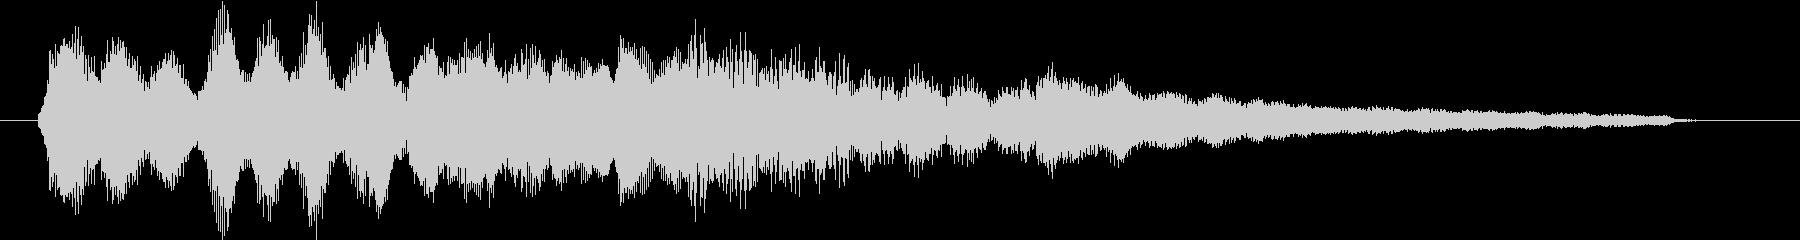 ジングル(ポップ2)の未再生の波形